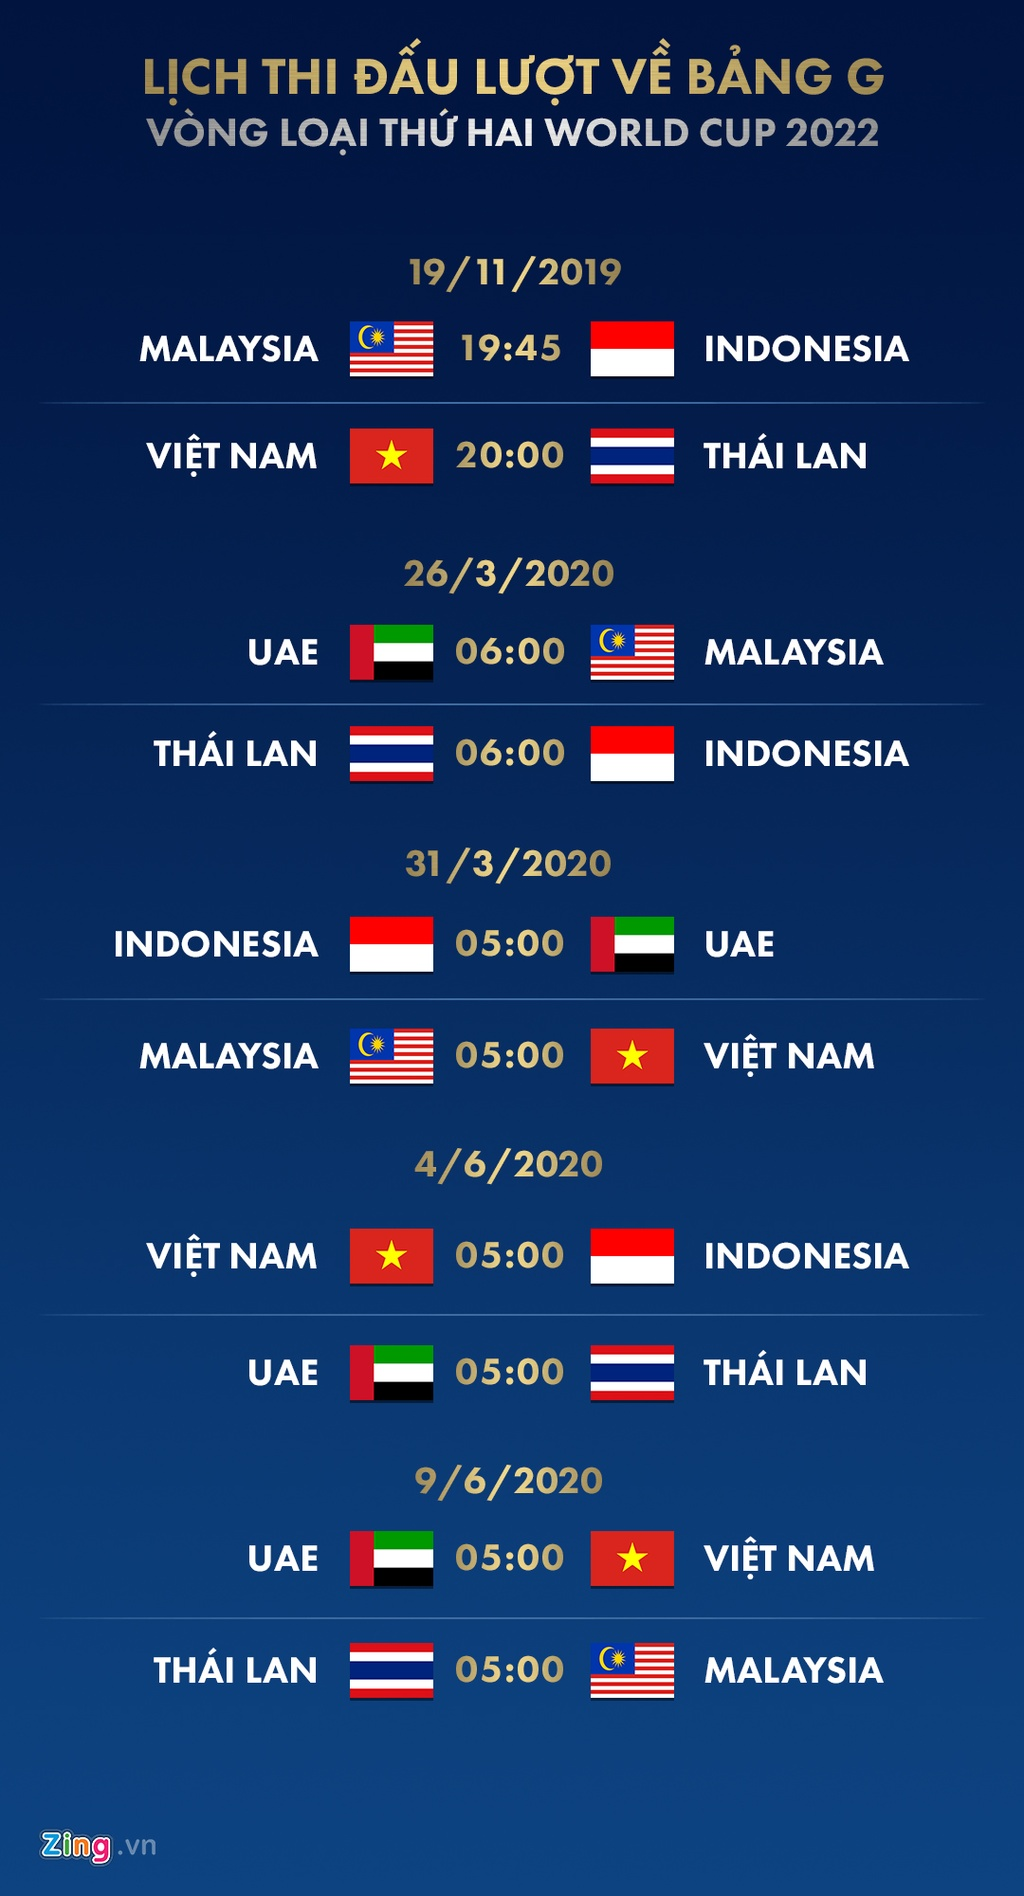 Lich thi dau vong loai World Cup 2022: Viet Nam doi dau UAE hinh anh 3